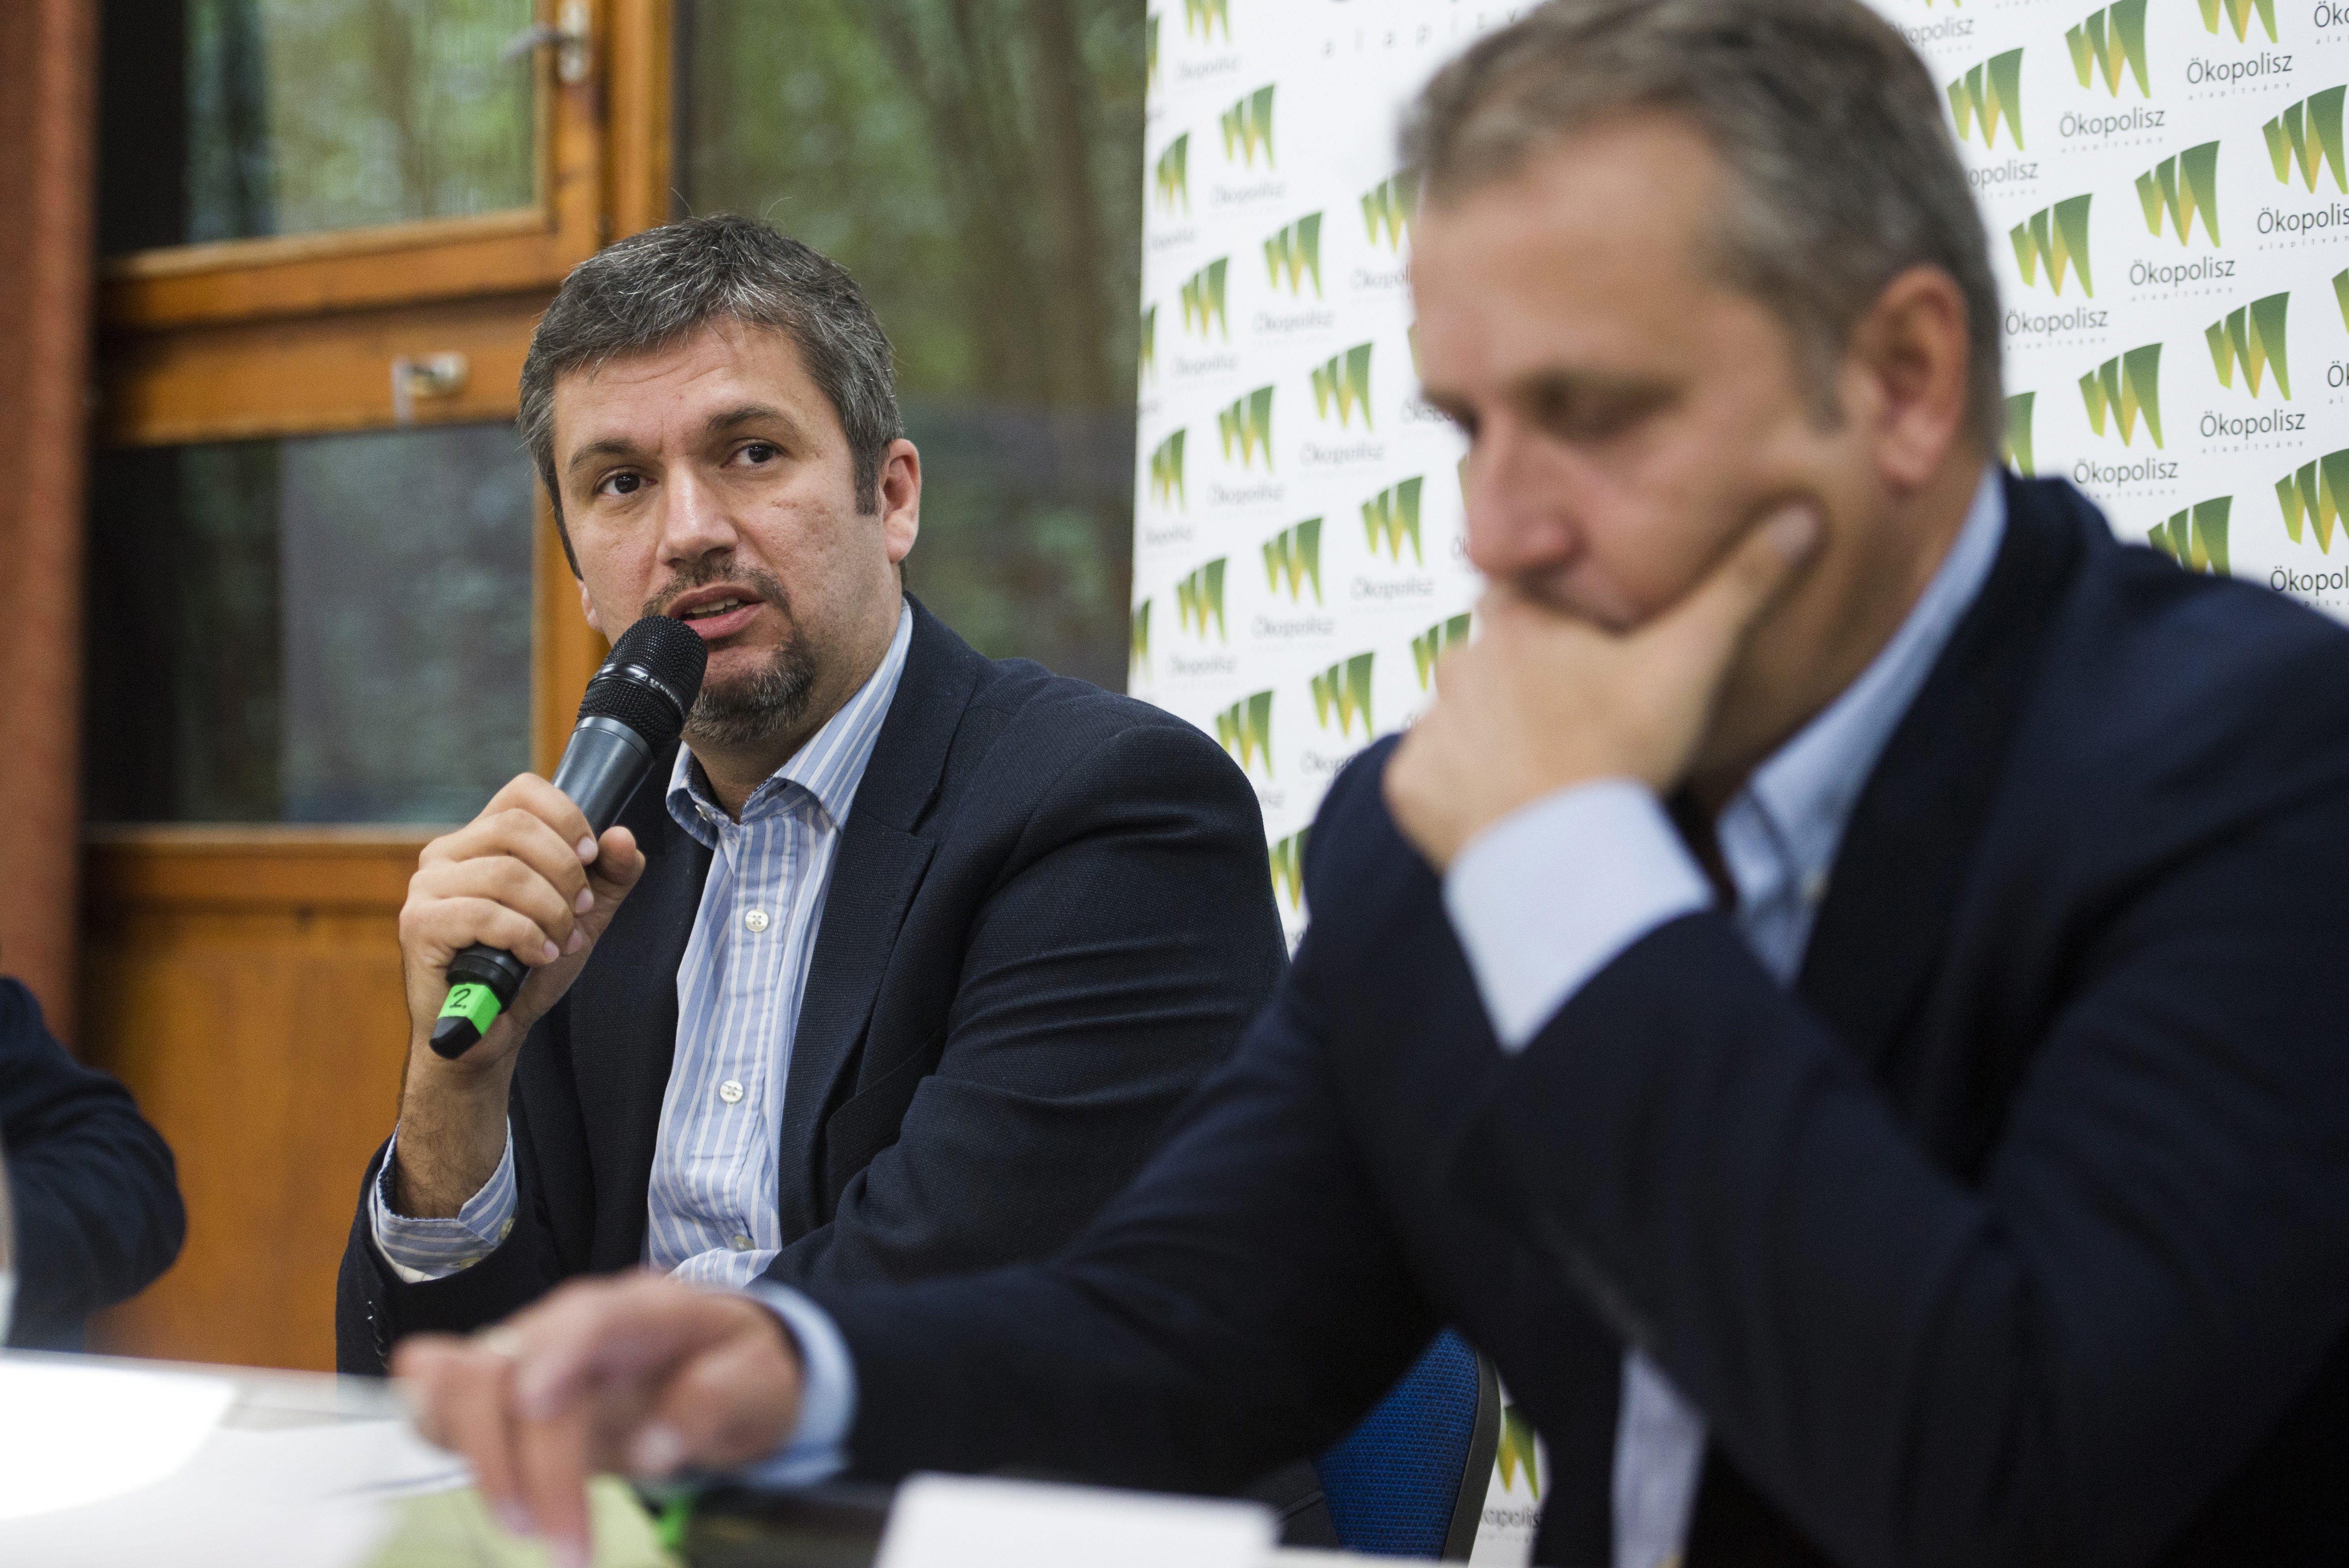 Csak az ellenzéki összefogástól tart a Fidesz